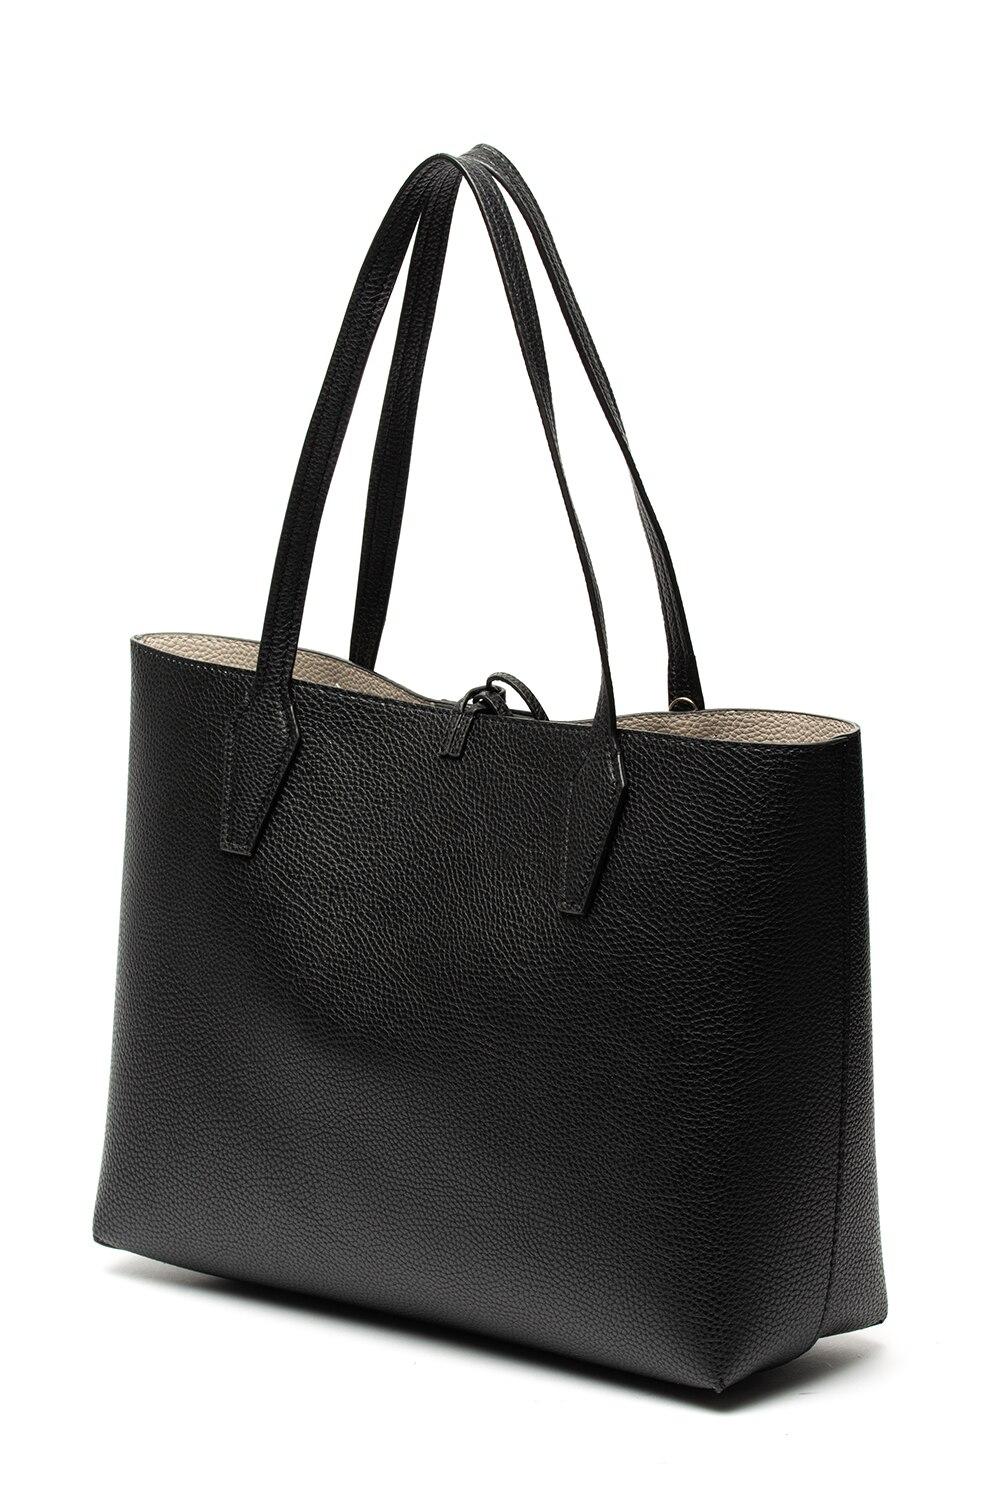 Guess, Bobbi kifordítható shopper fazonú bőrtáska, fekete